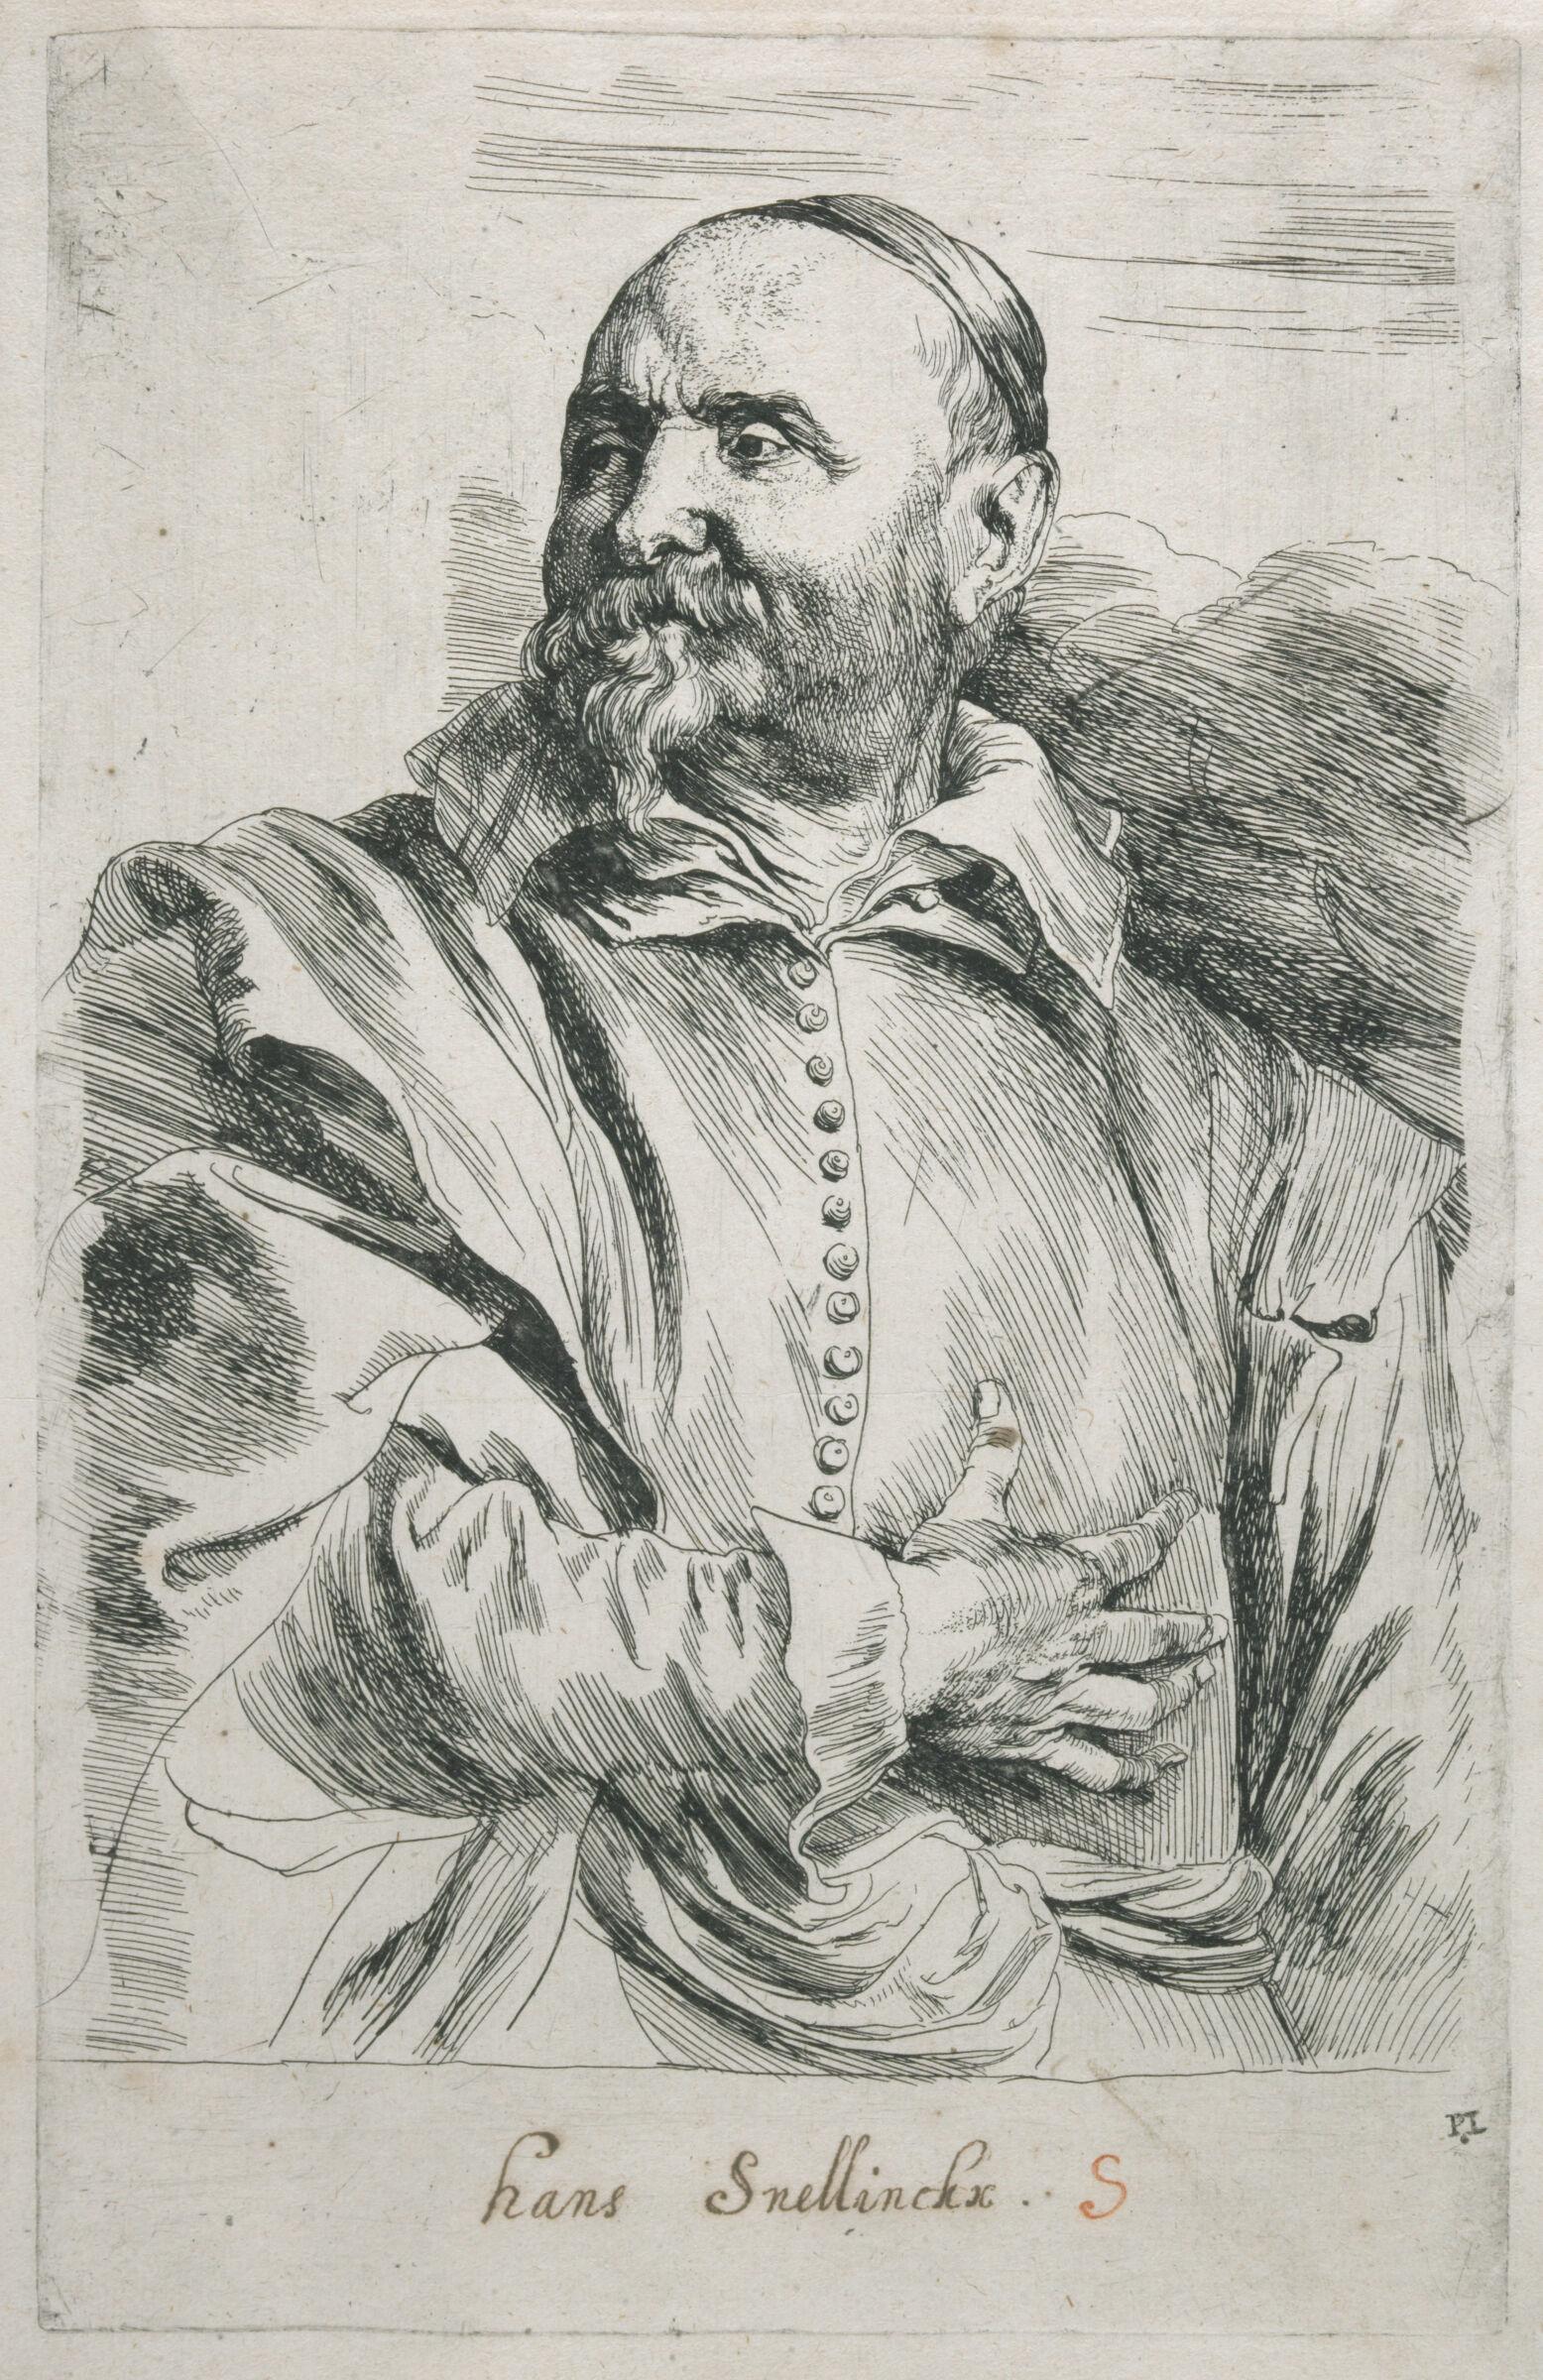 Jan Snellinck